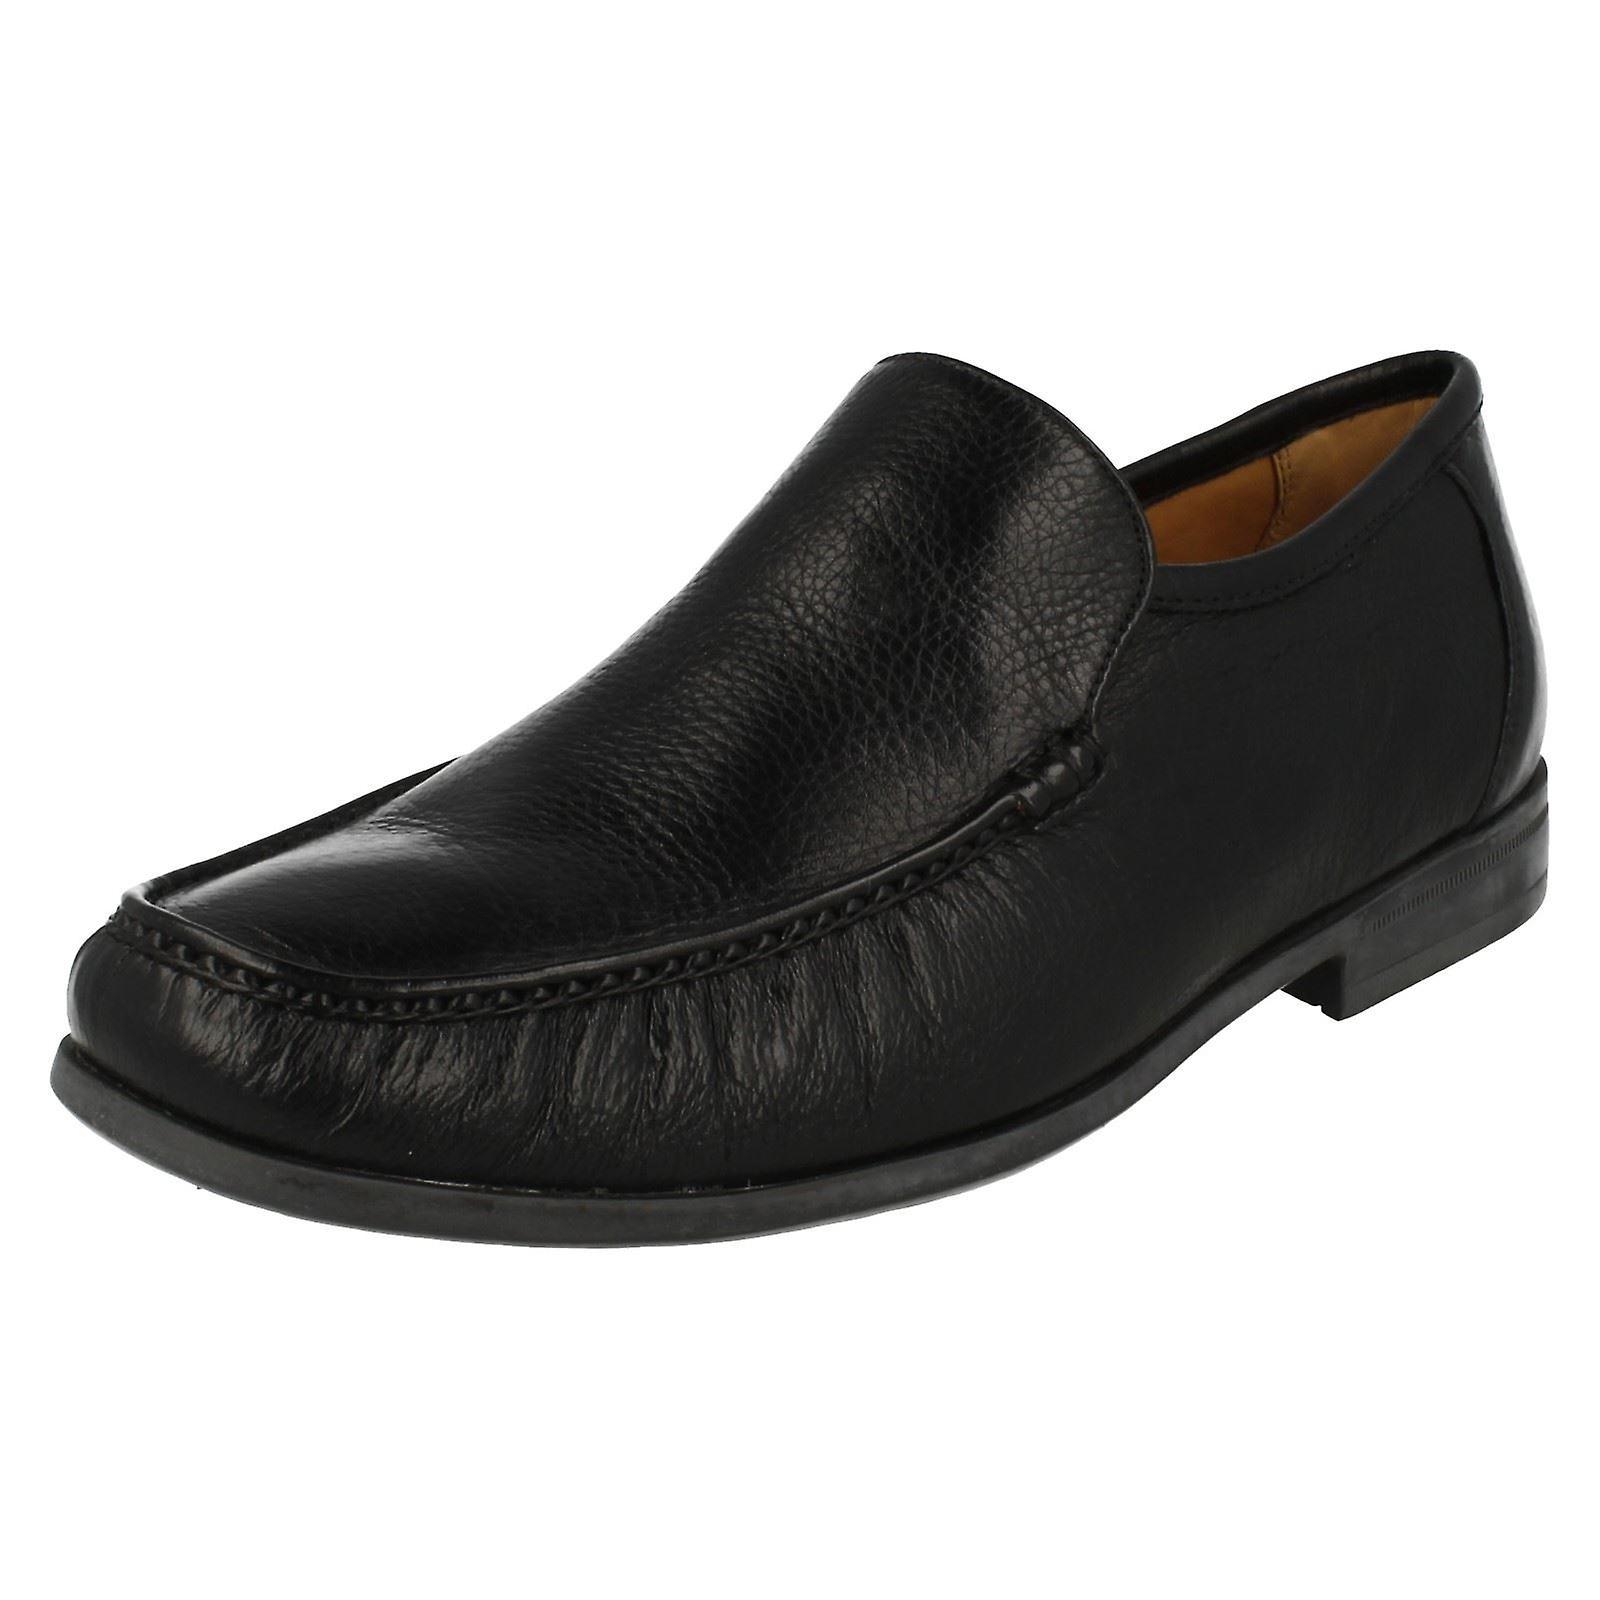 Herren anatomische Loafer Schuhe Torres